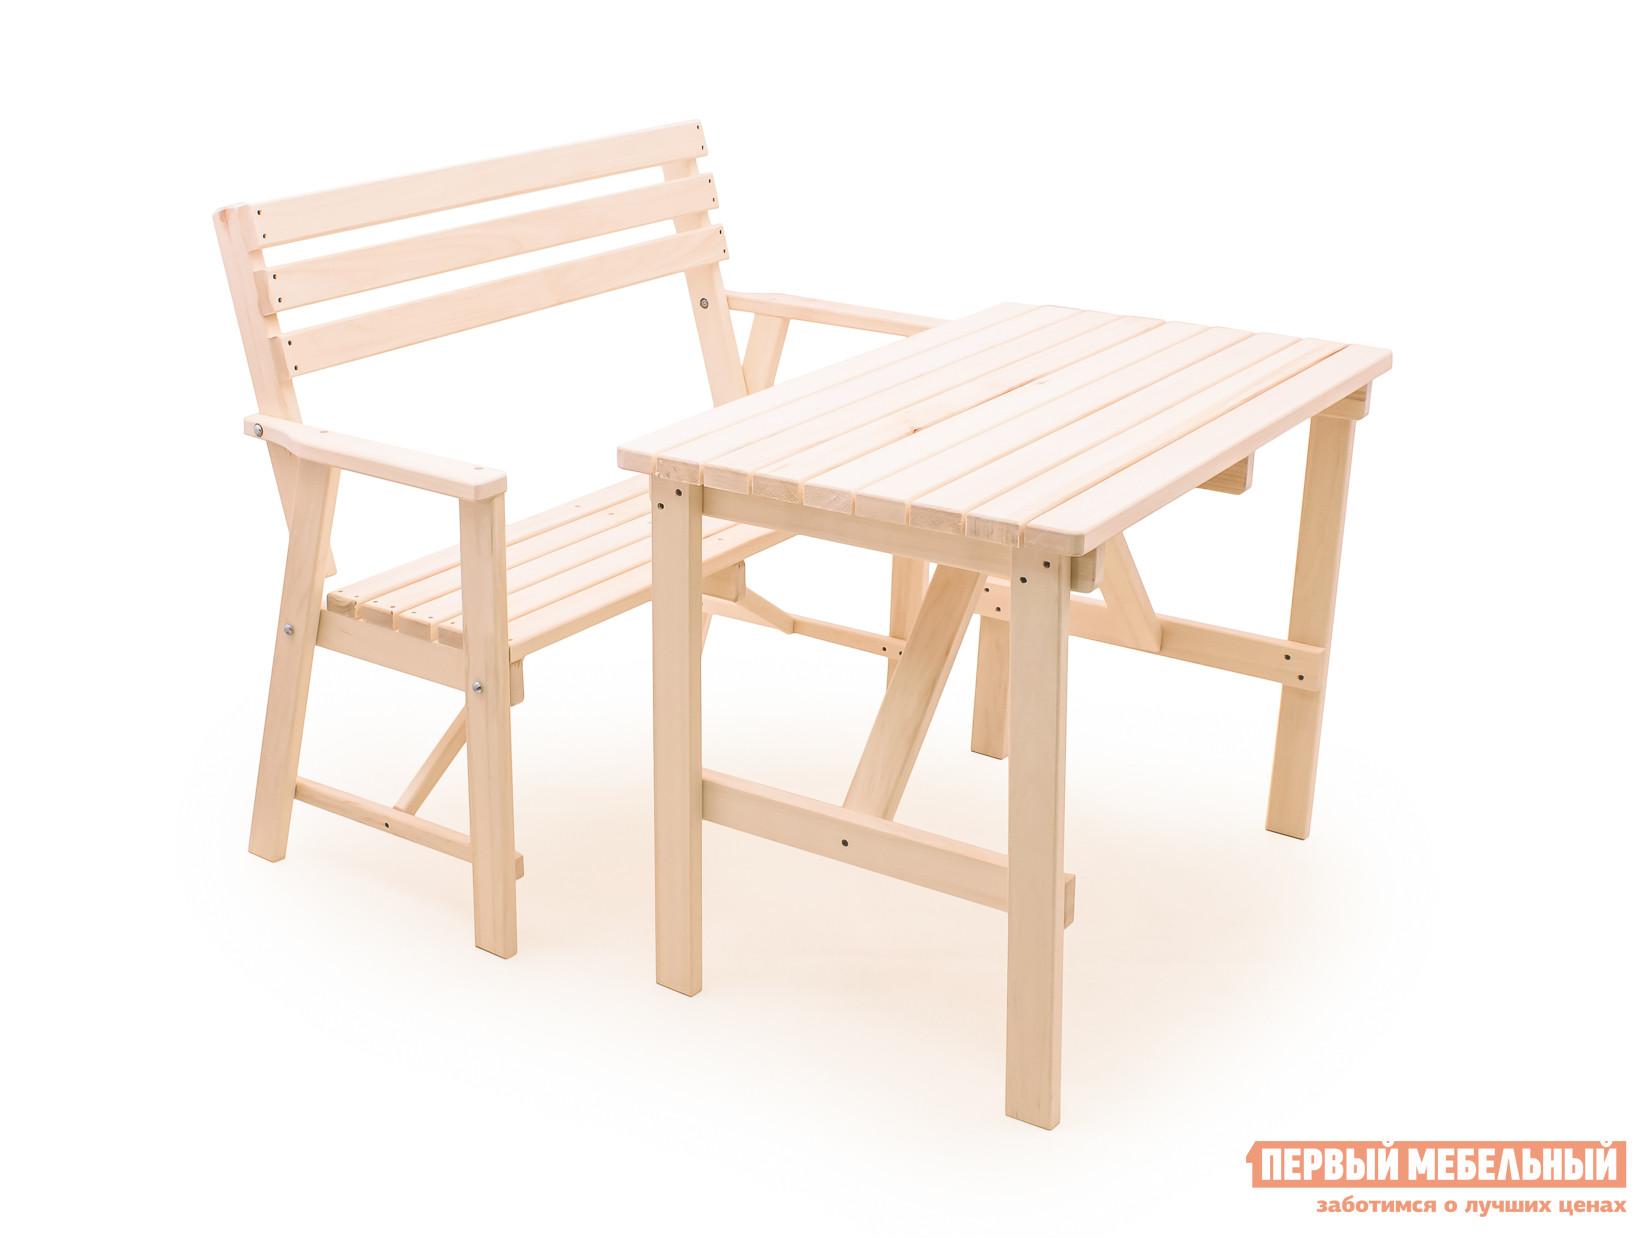 Комплект садовой мебели СМКА Веранда-1 Осина